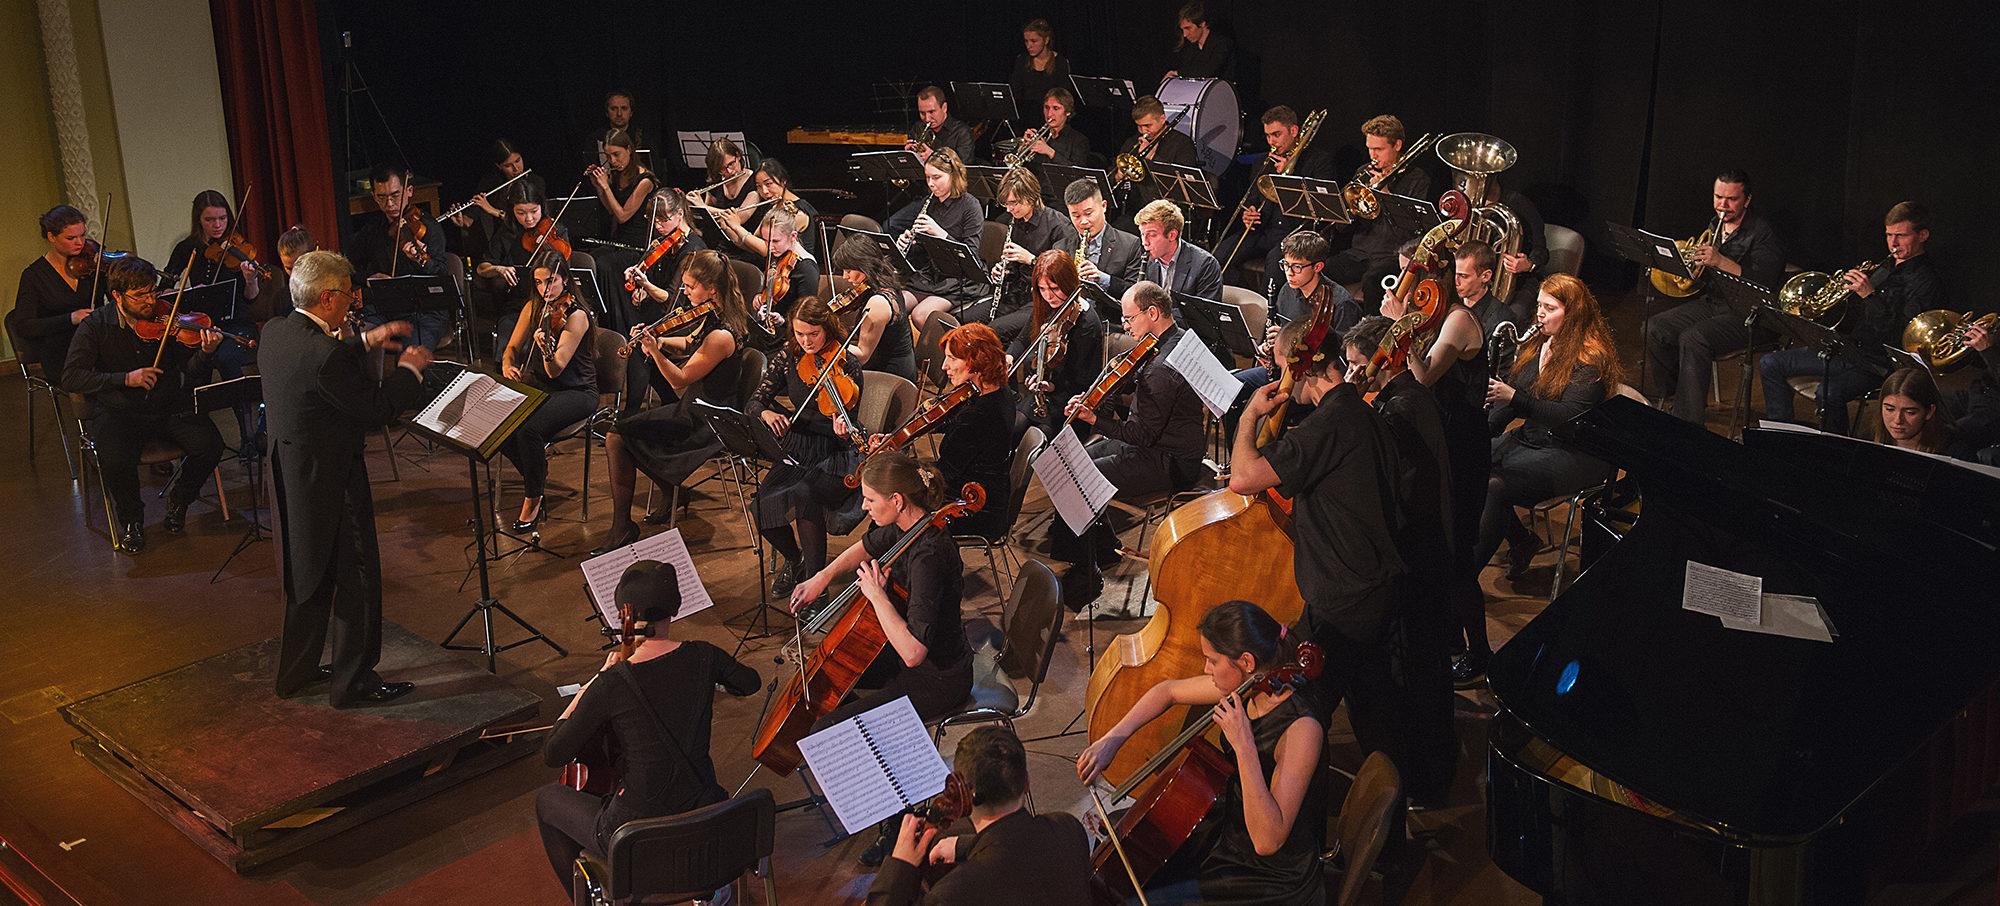 Виды оркестров, исполняющих инструментальную и симфоническую музыку :: syl.ru